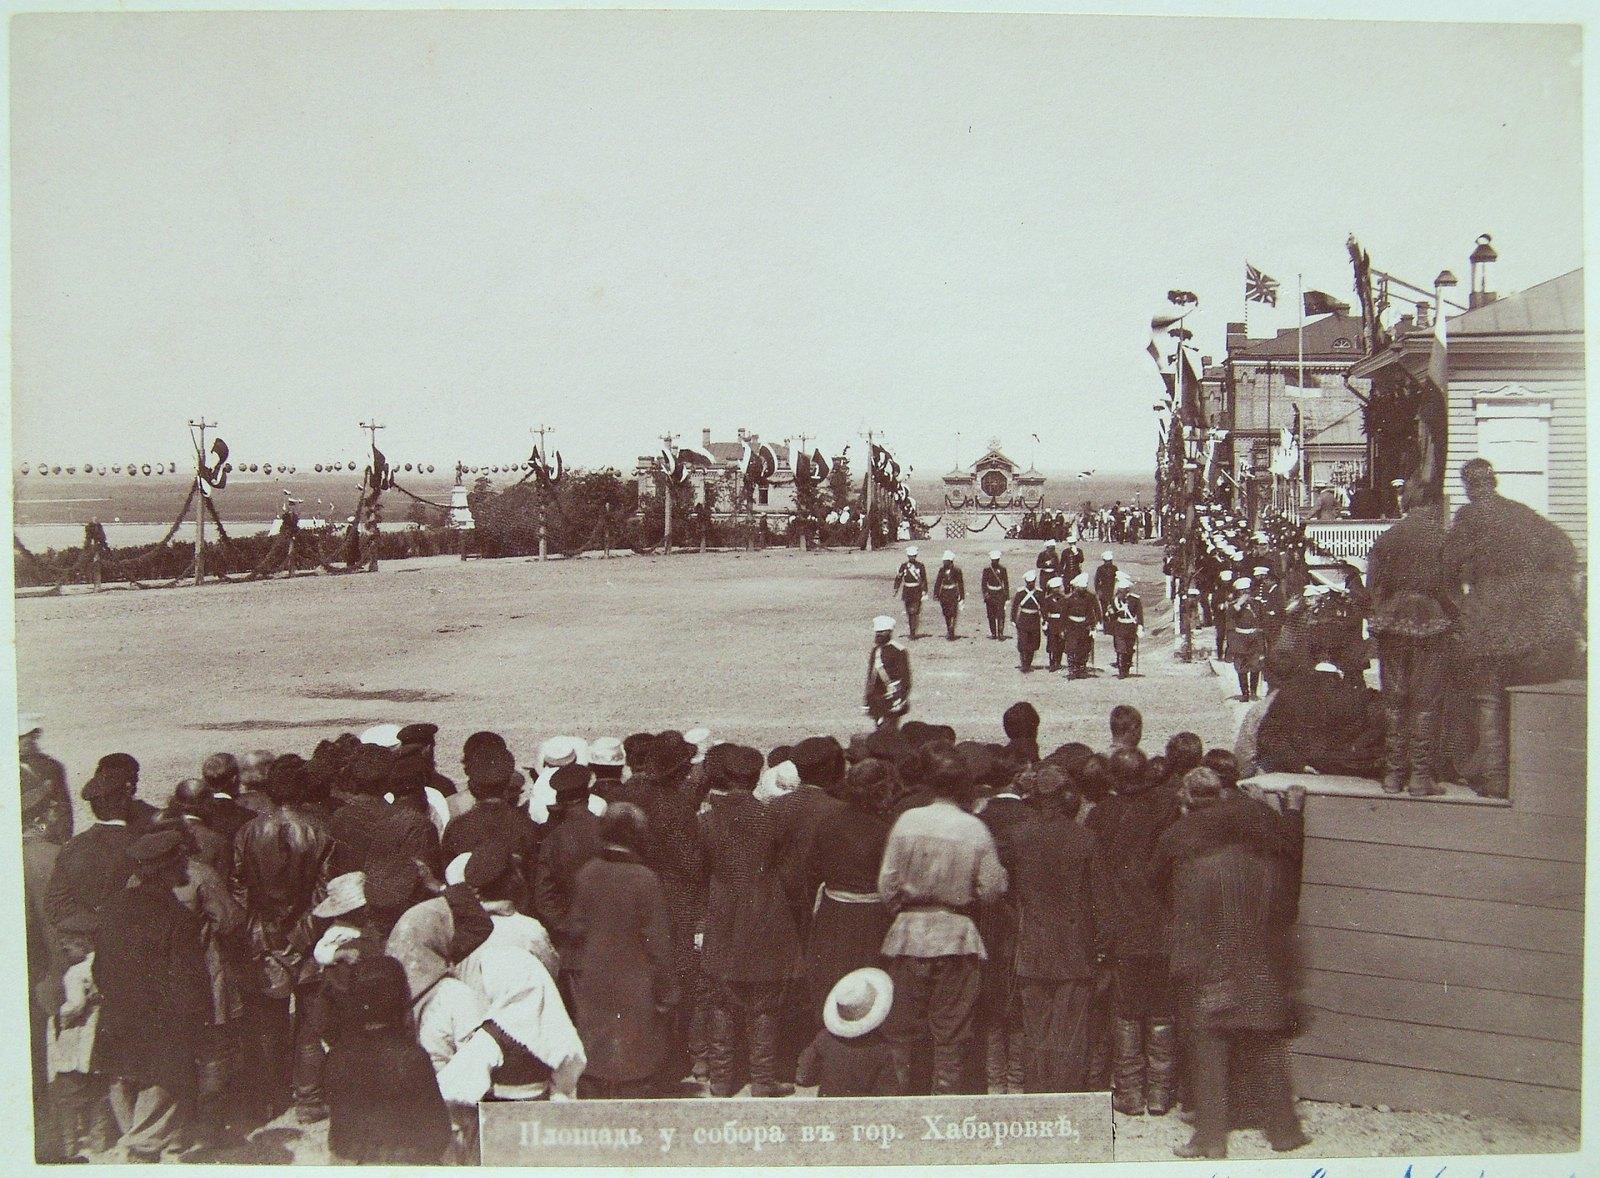 04. 1891. Хабаровка. Встреча цесаревича на Соборной площади